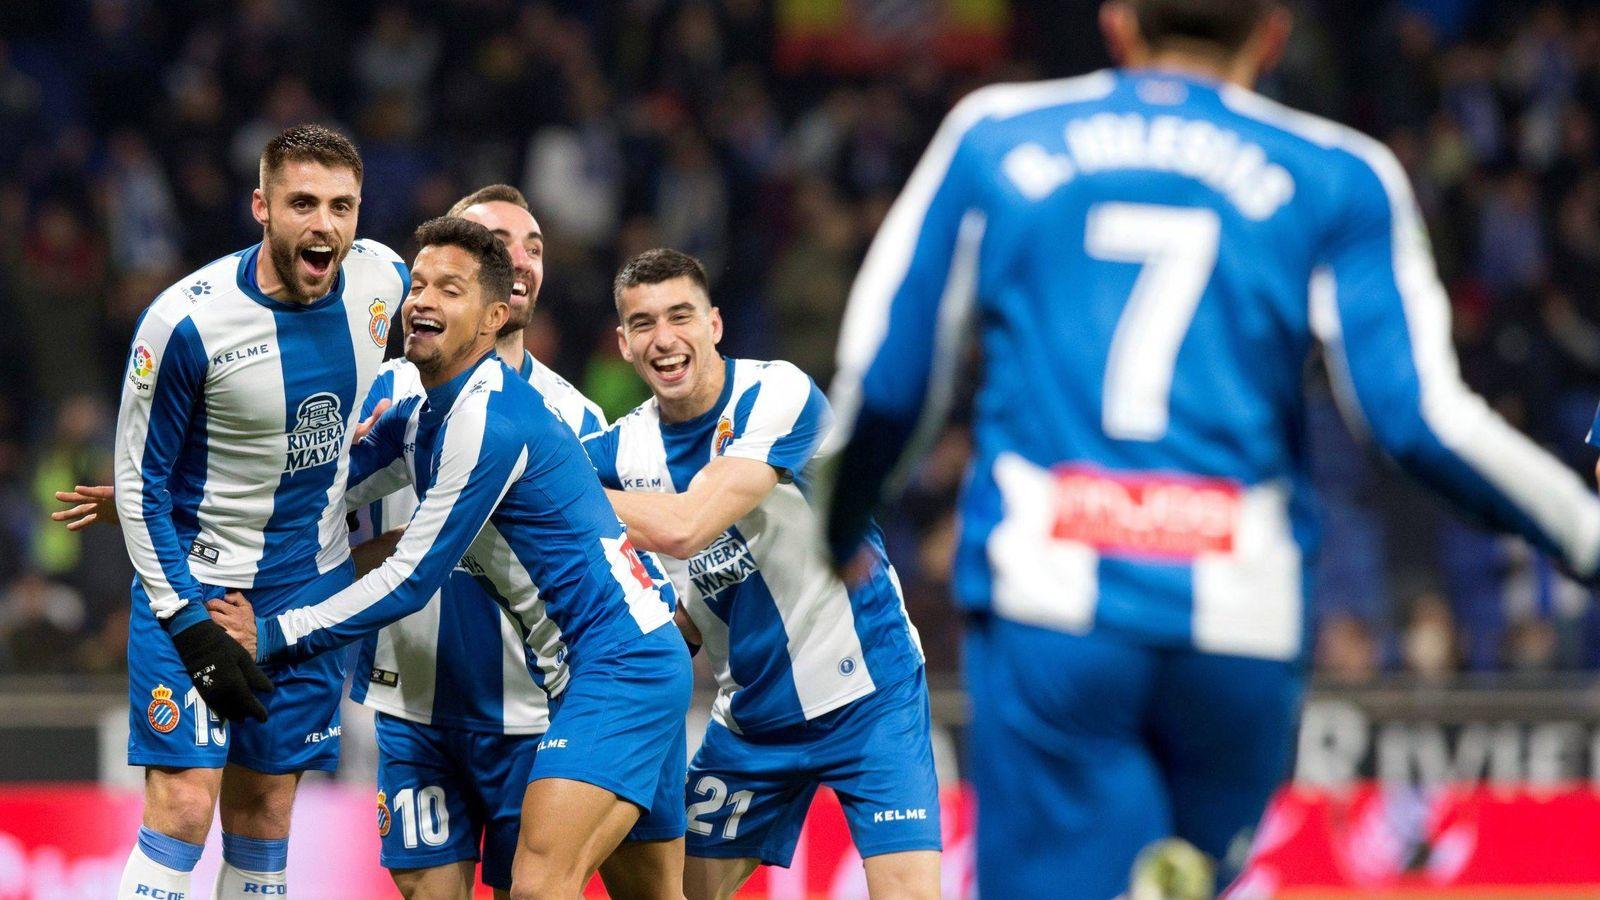 Foto: Jugadores del Espanyol celebran un gol. (EFE)